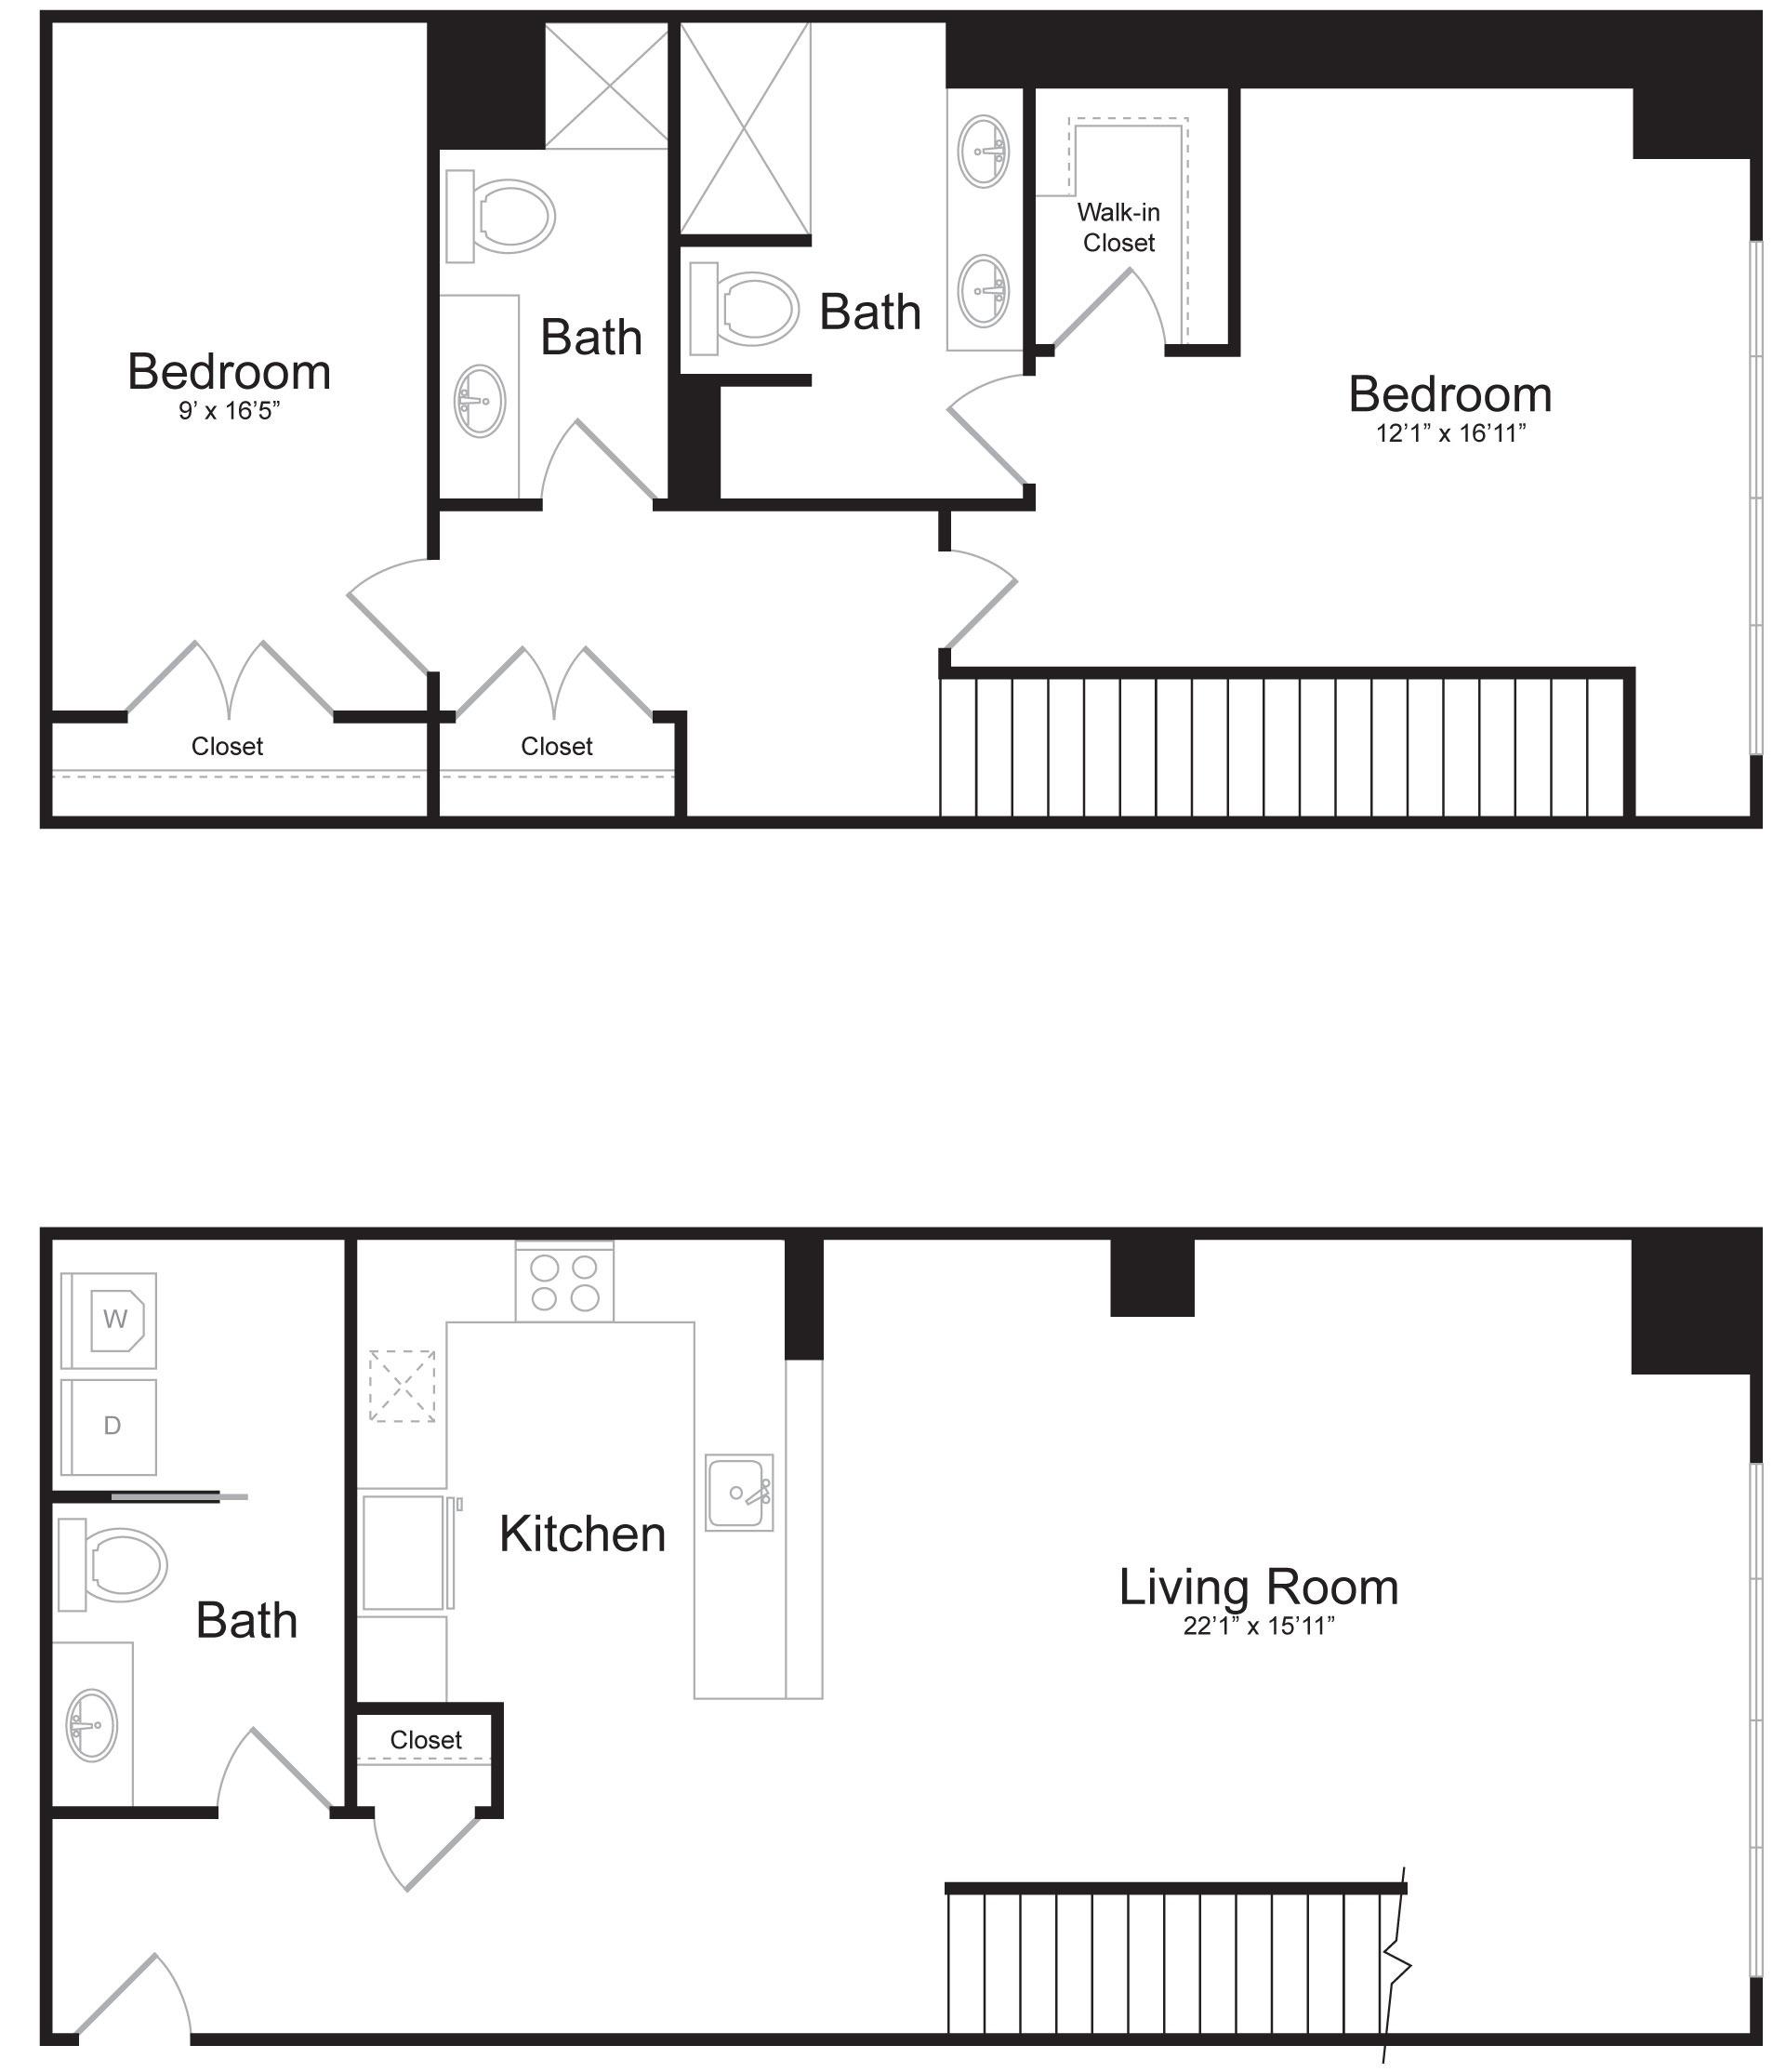 Duplex A2 - 2 Bed 2 Bath - 1,822 SF